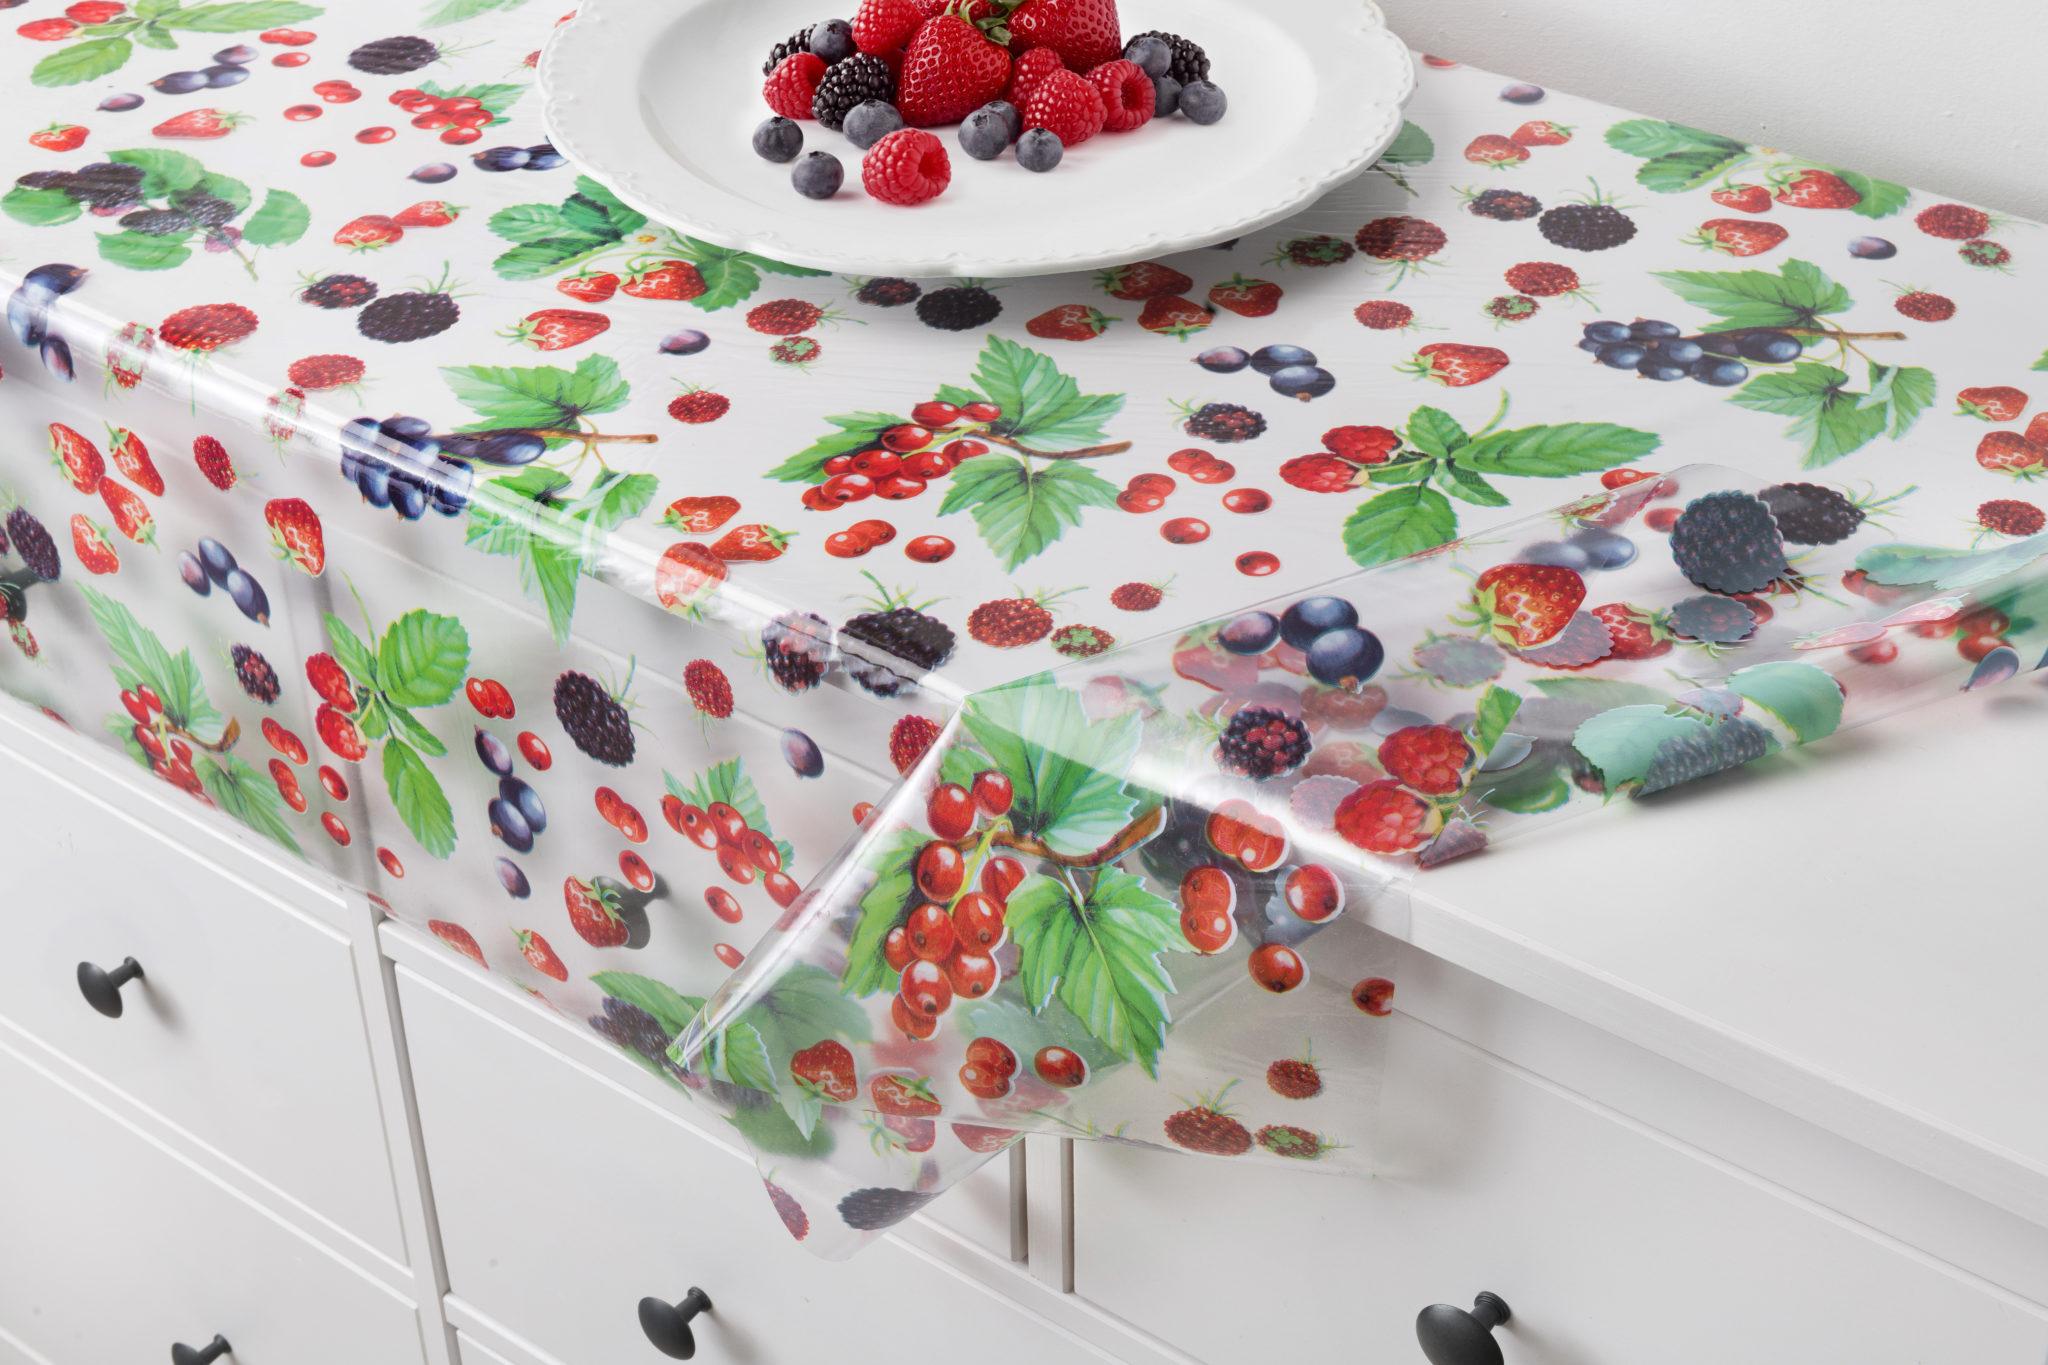 Скатерть с ягодами на столе